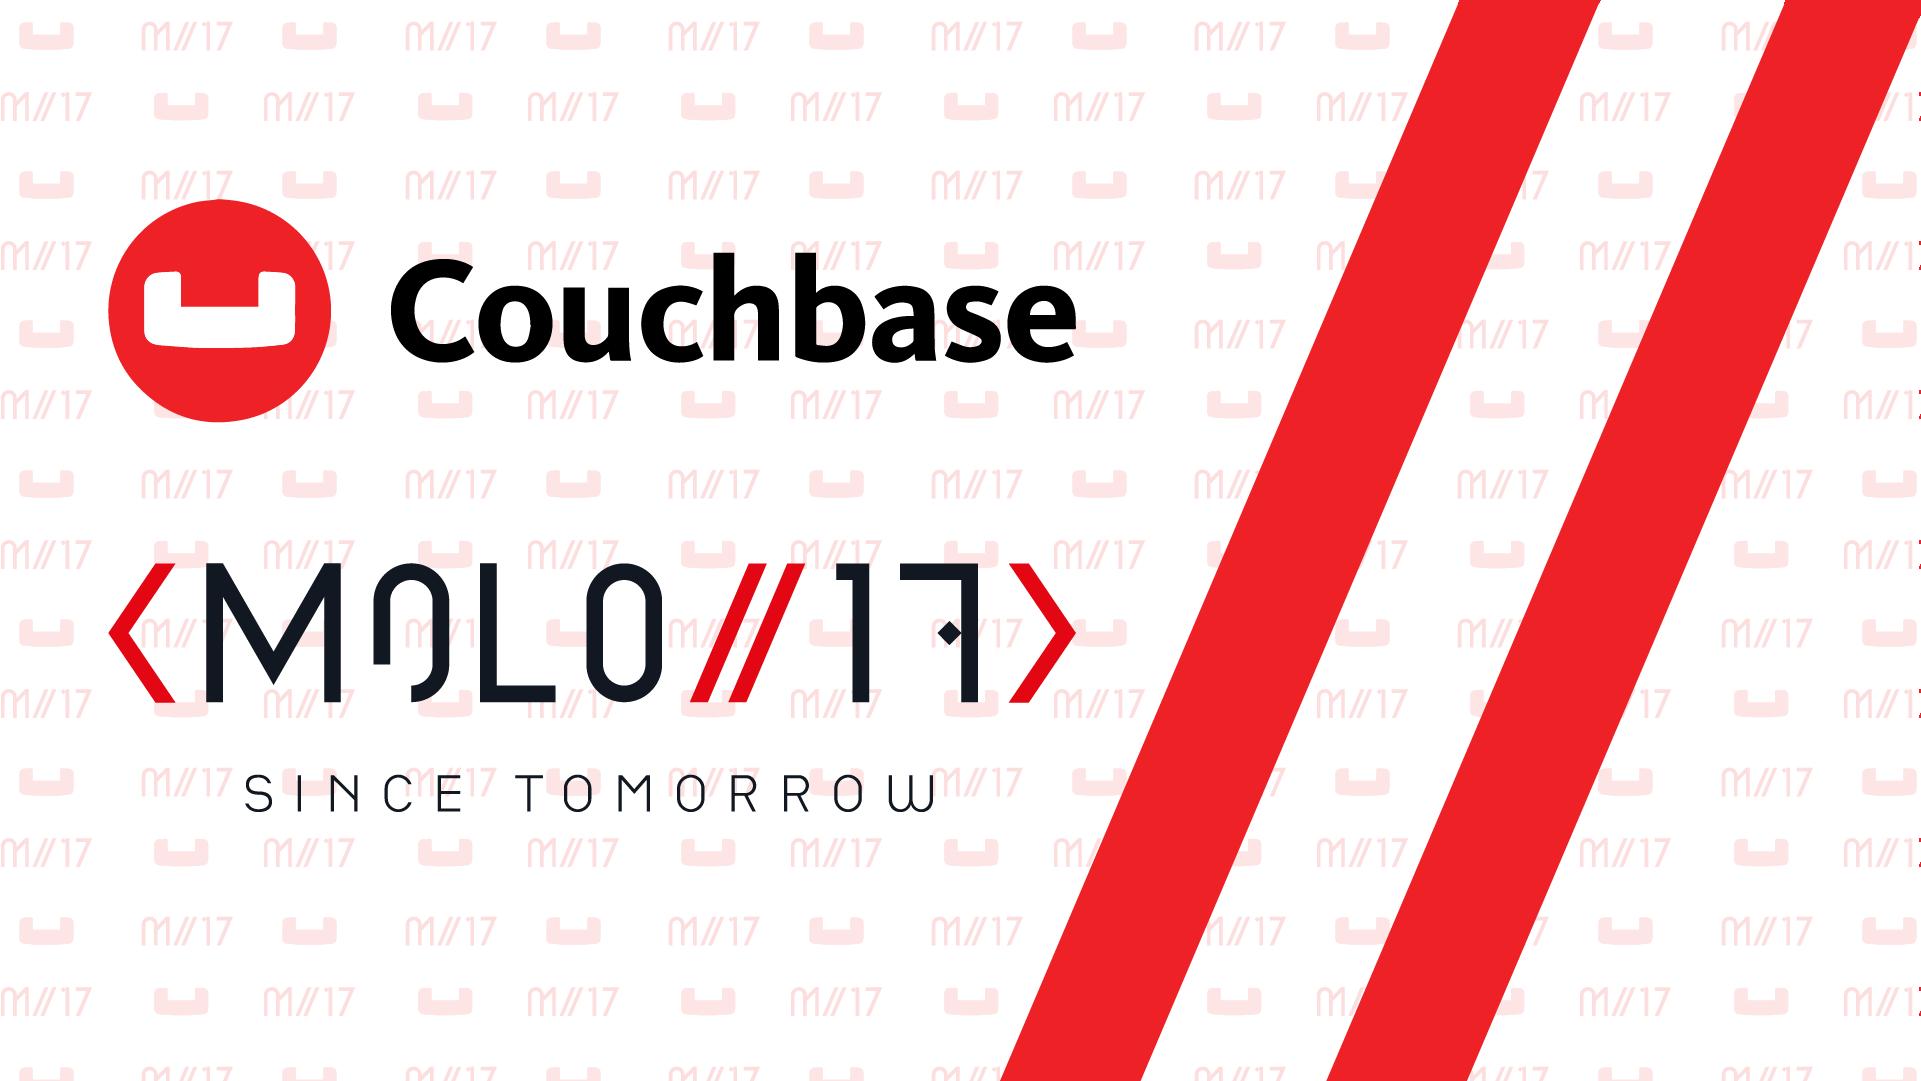 Couchbase MOLO17